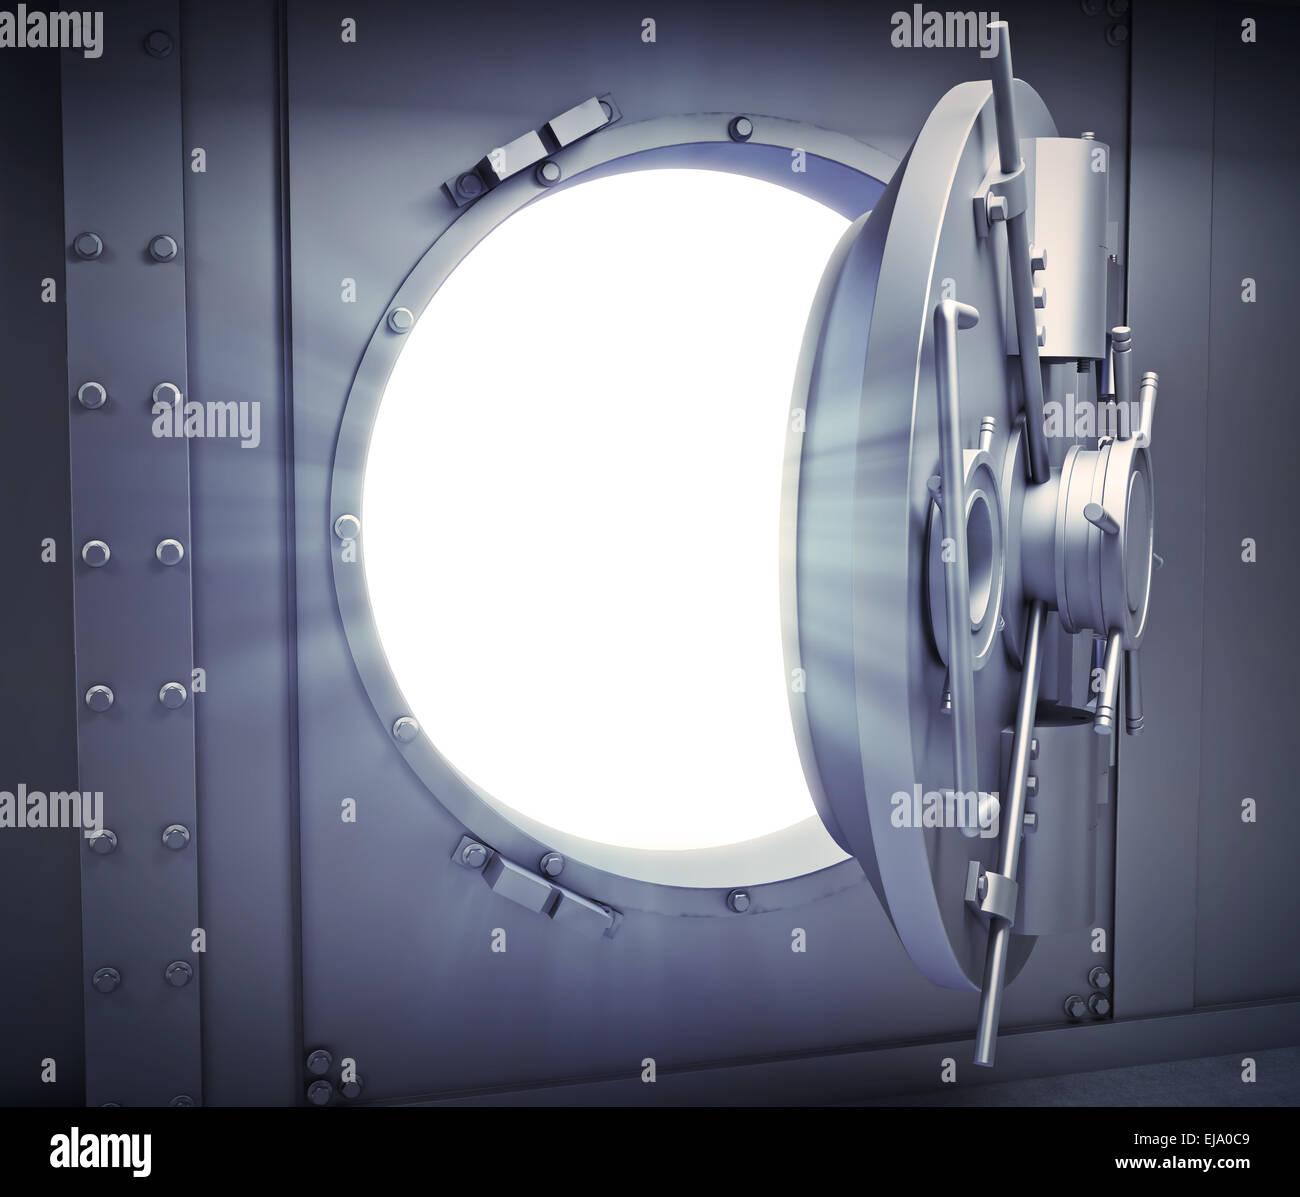 Opened door to a massive bank vault - Stock Image